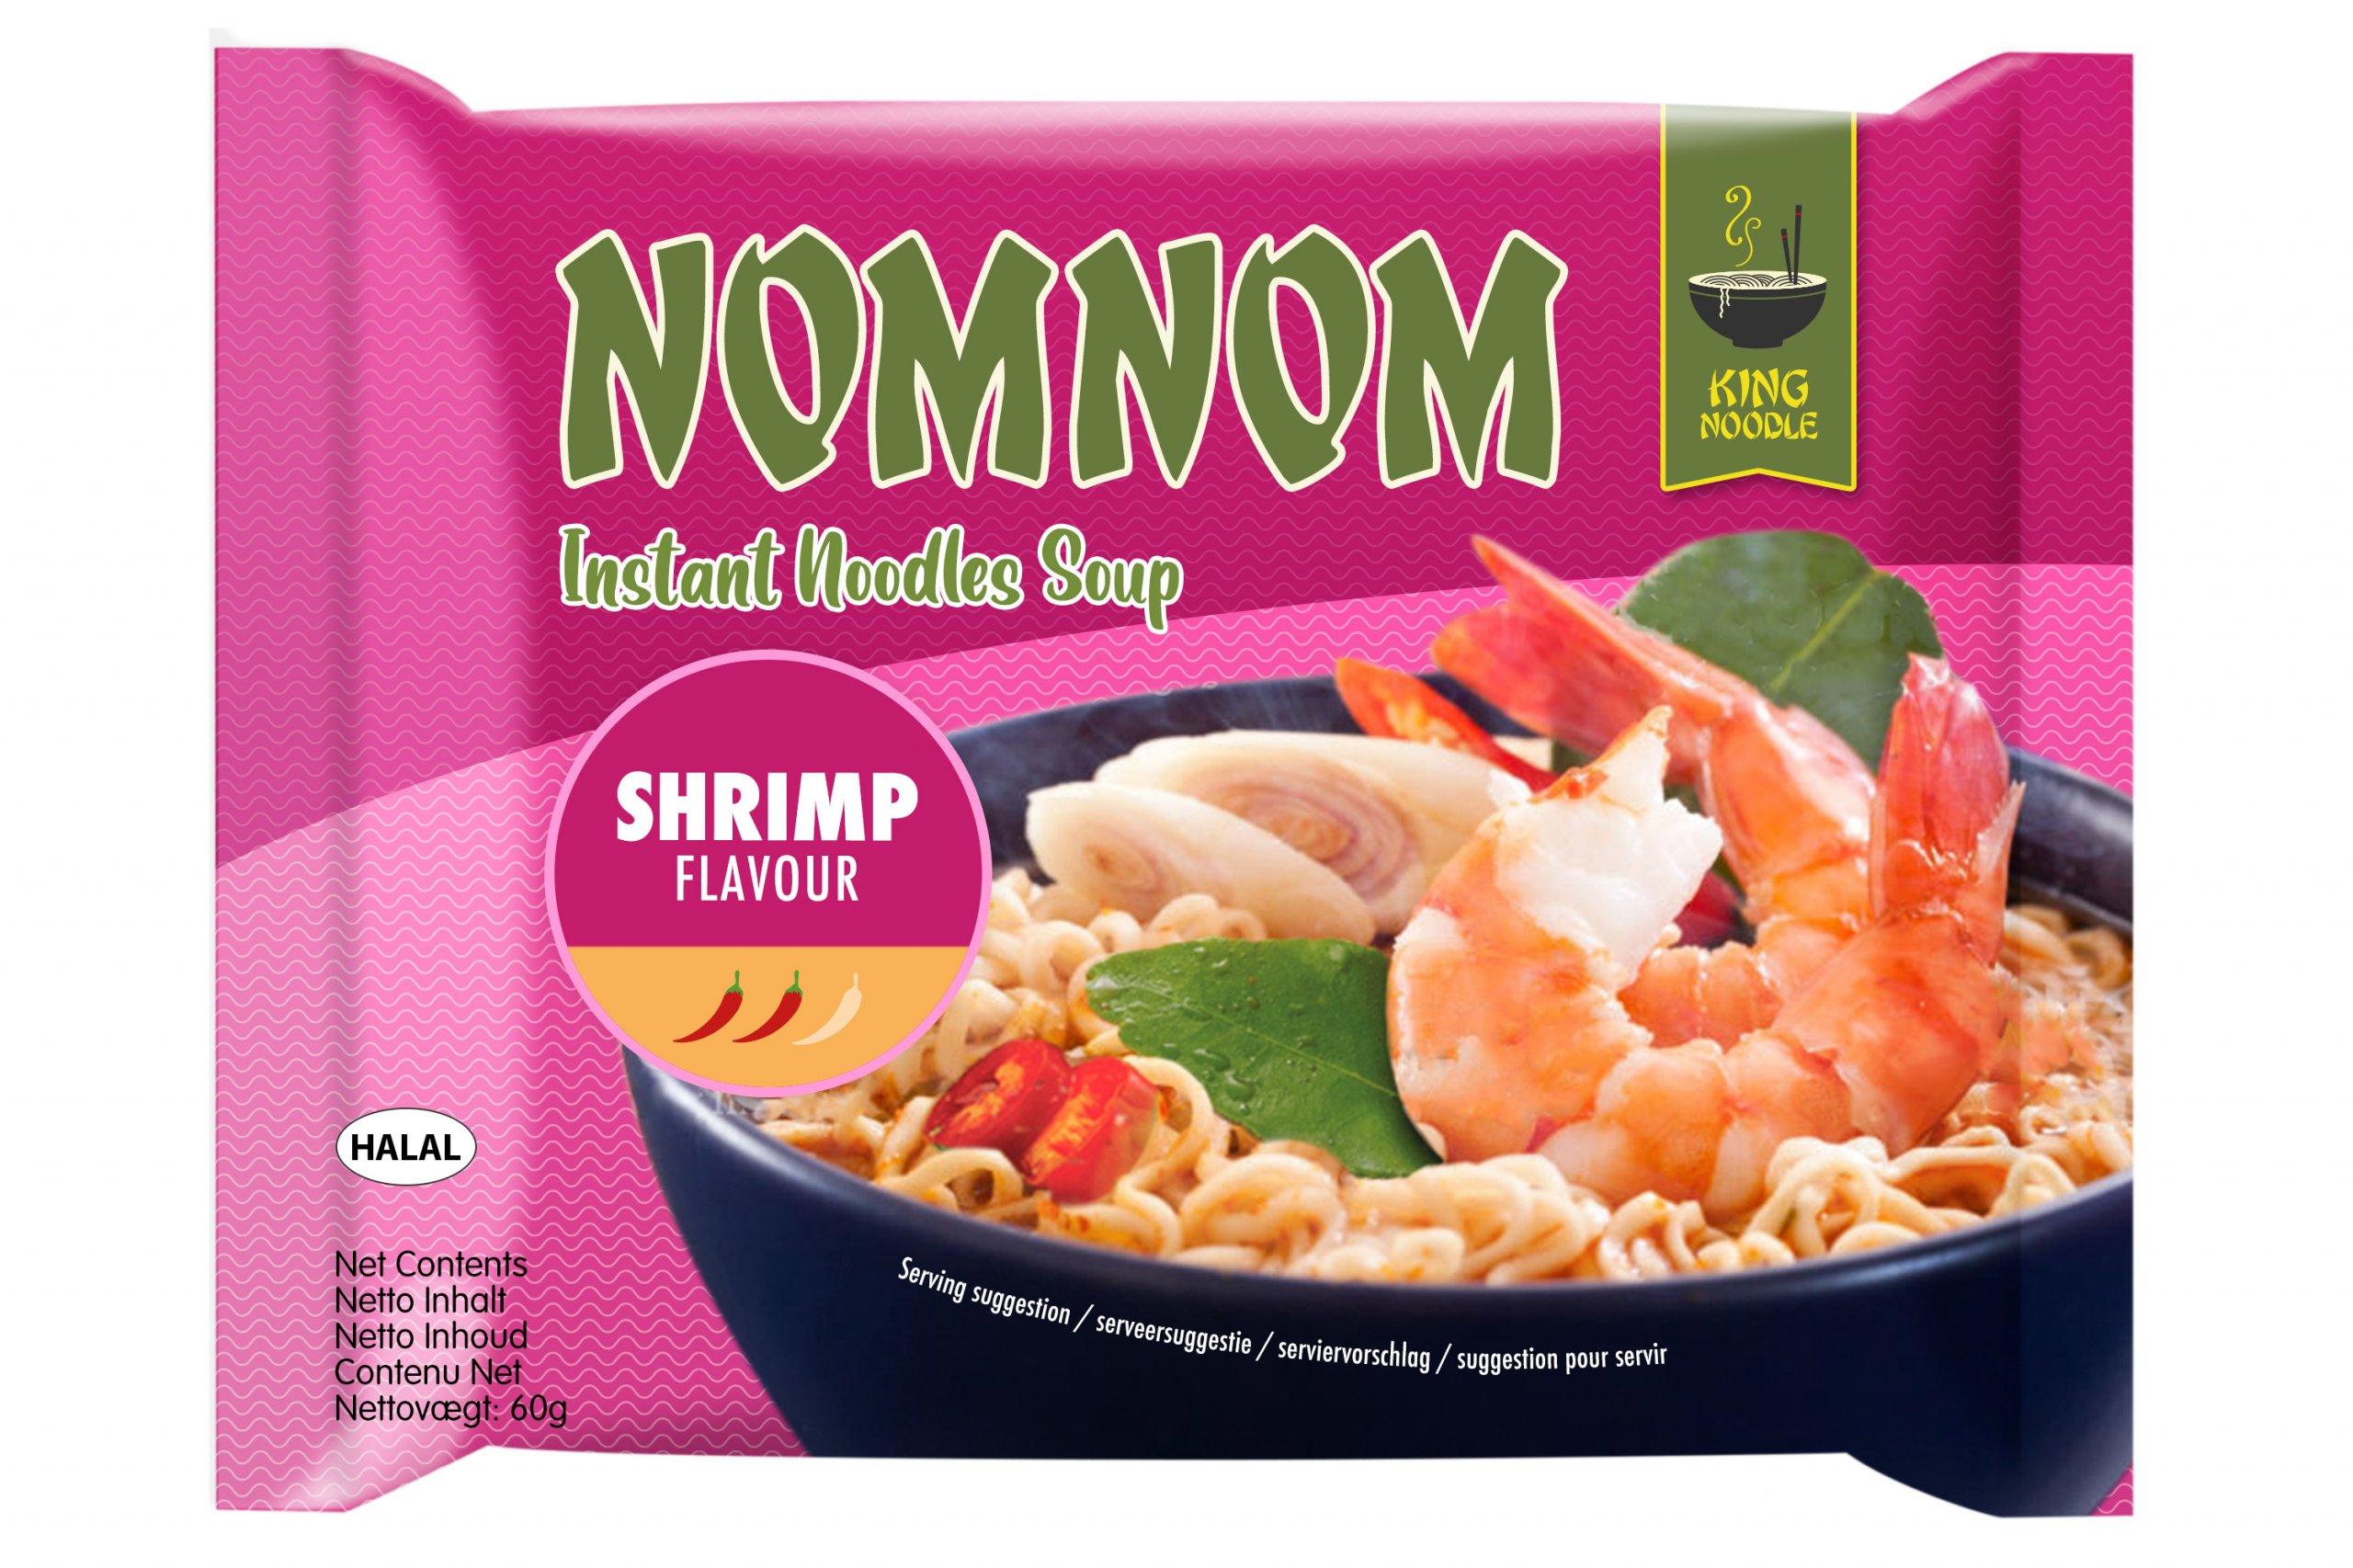 nomnom-shrimp-v8a